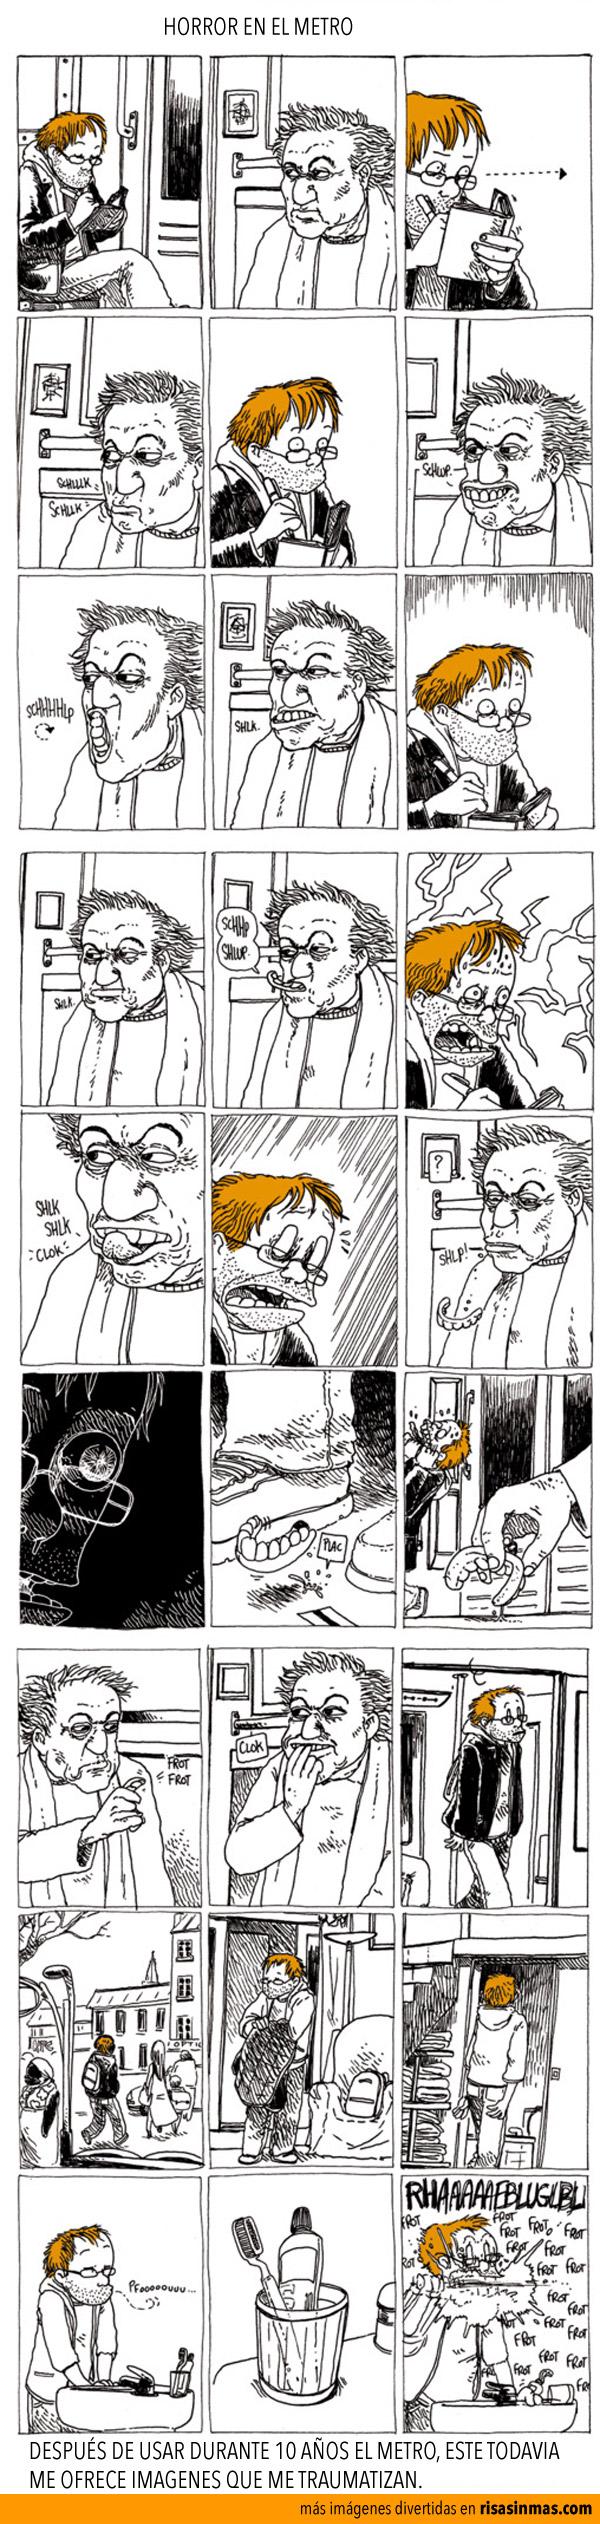 Motivos para cepillarse los dientes